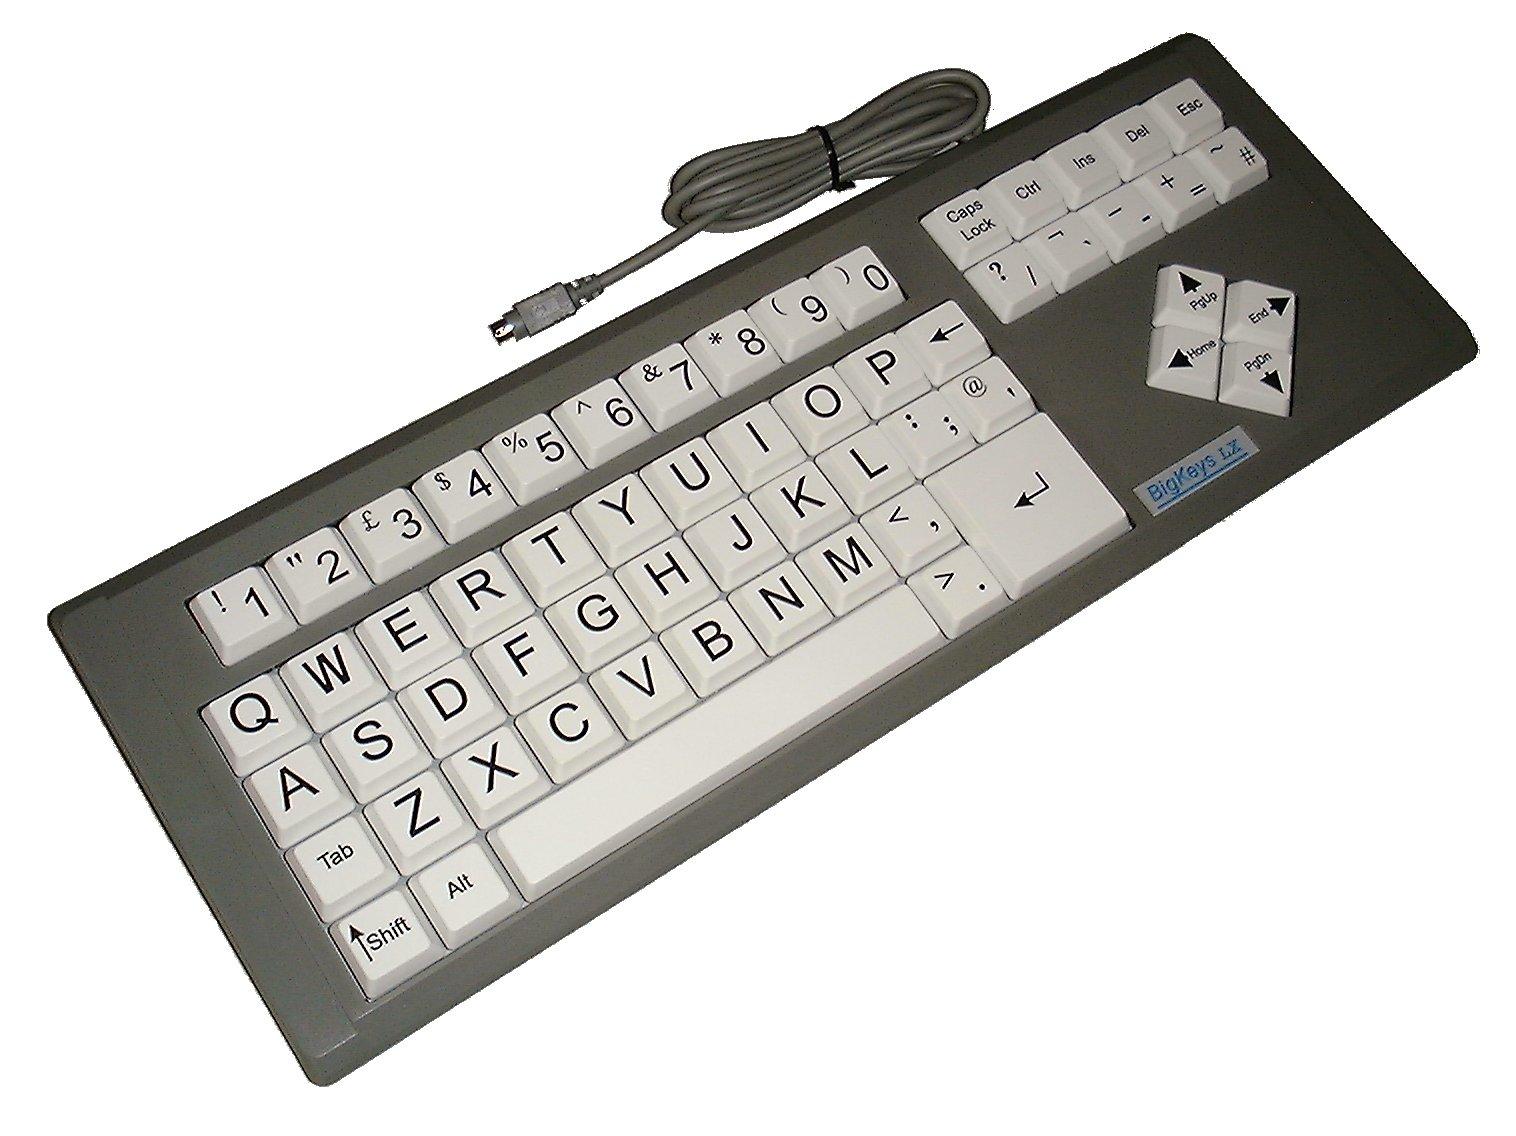 صورة للوحة المفاتيح إل إكس (LX) ذات المفاتيح الكبيرة